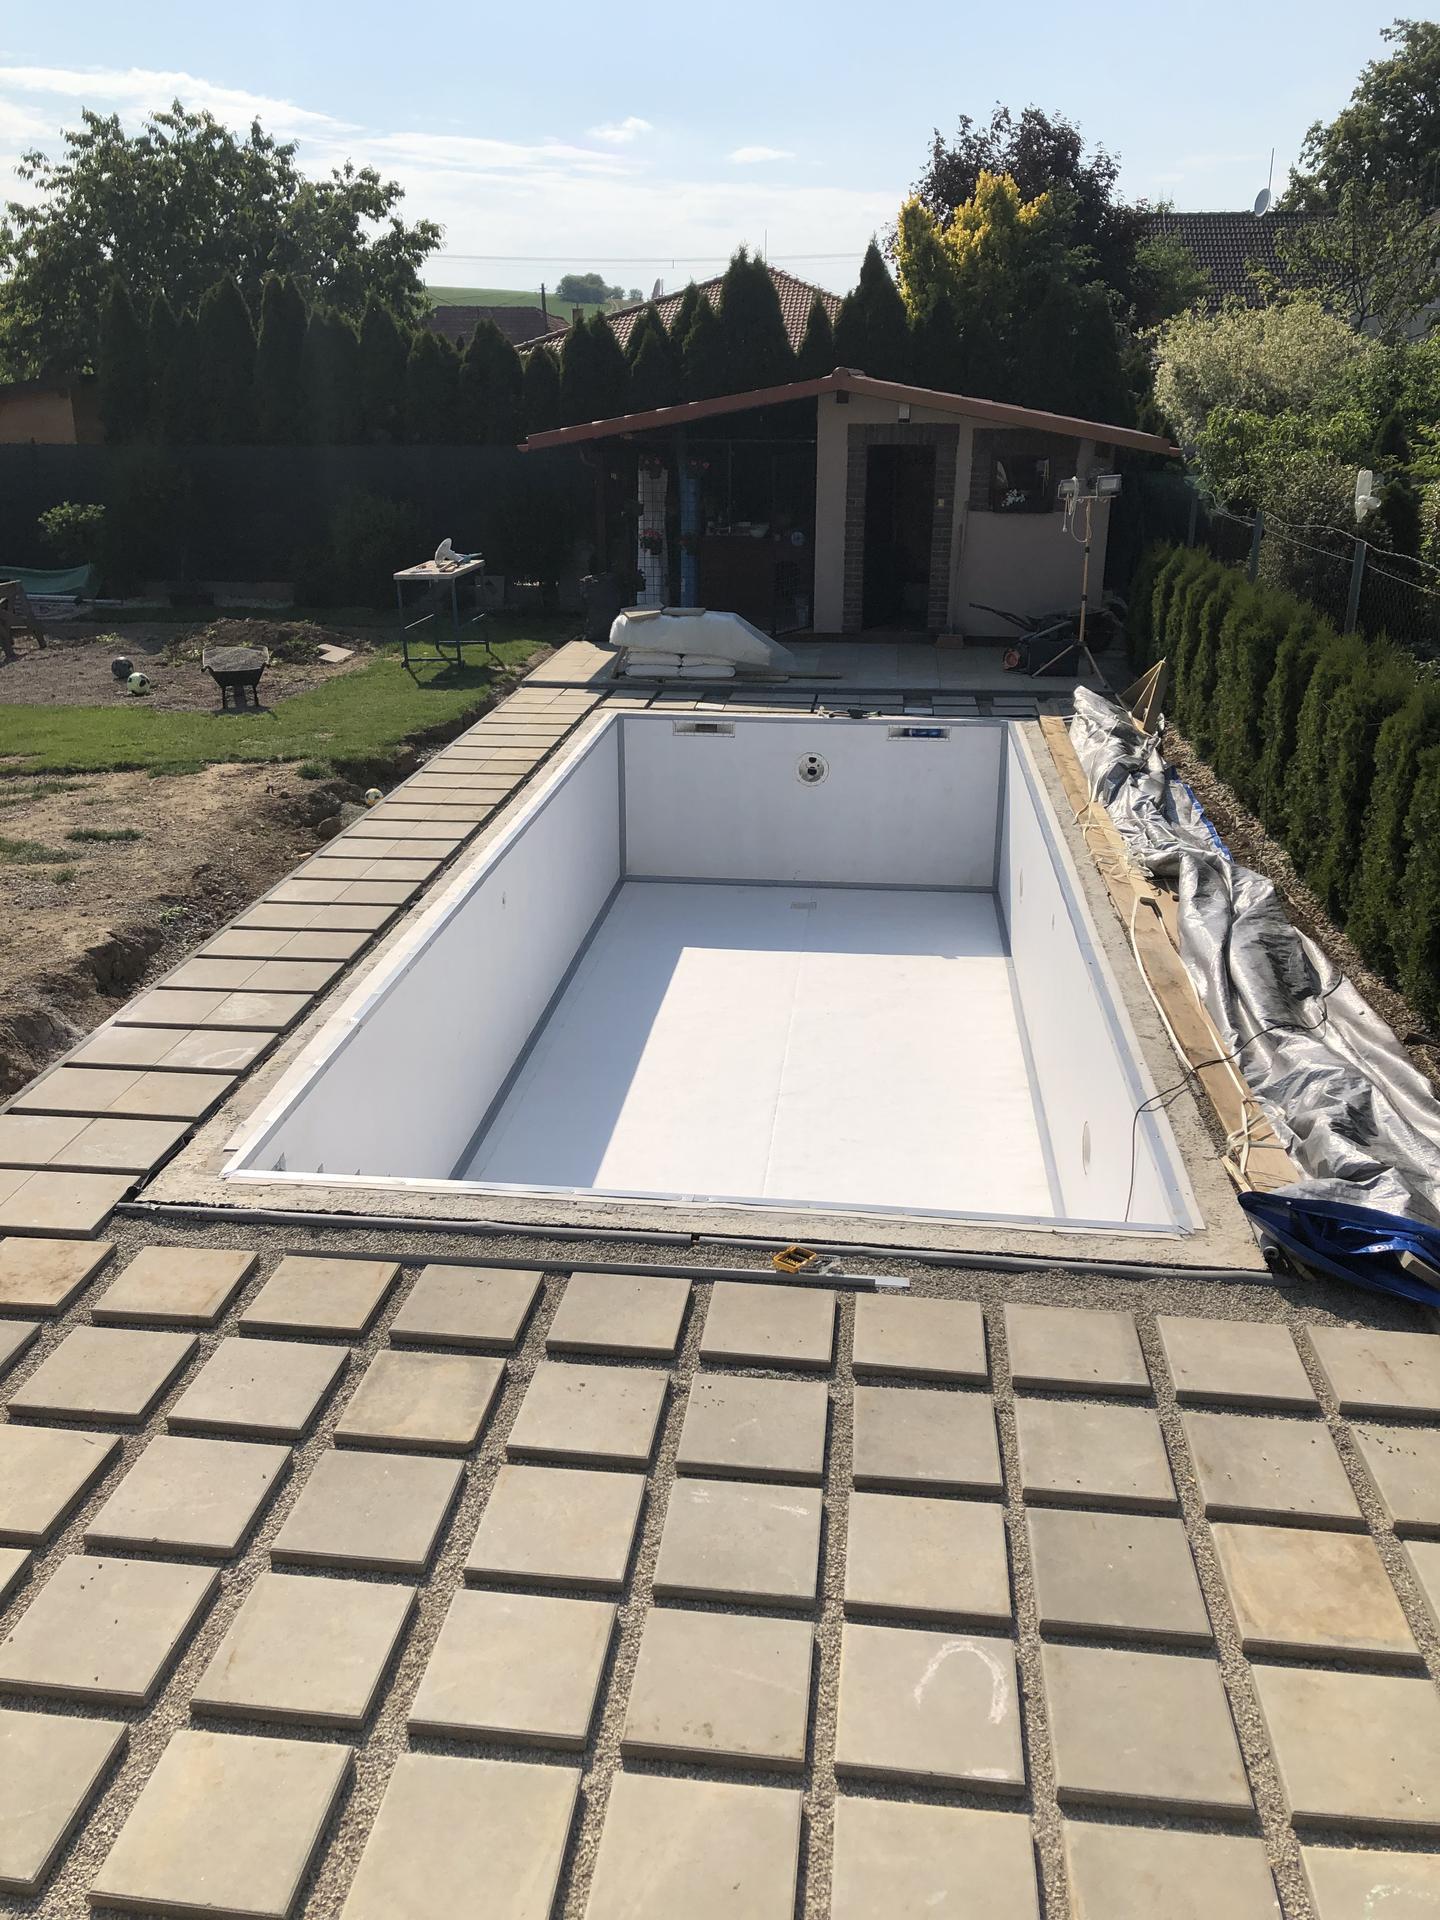 murovany bazen 9x4 svojpomocne - Obrázok č. 4